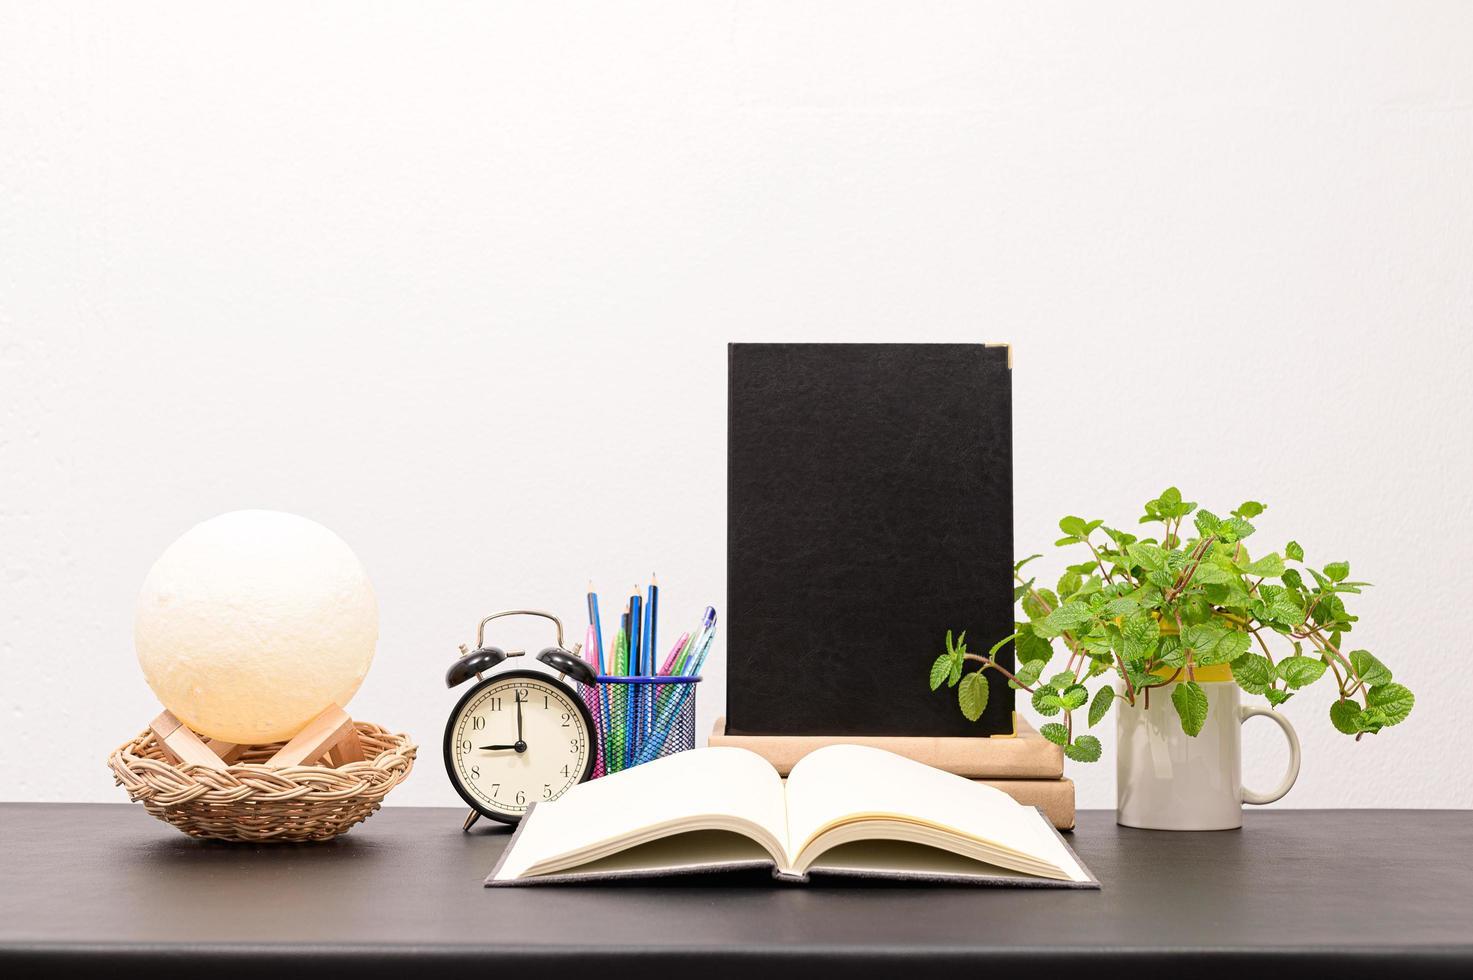 libros en el escritorio foto